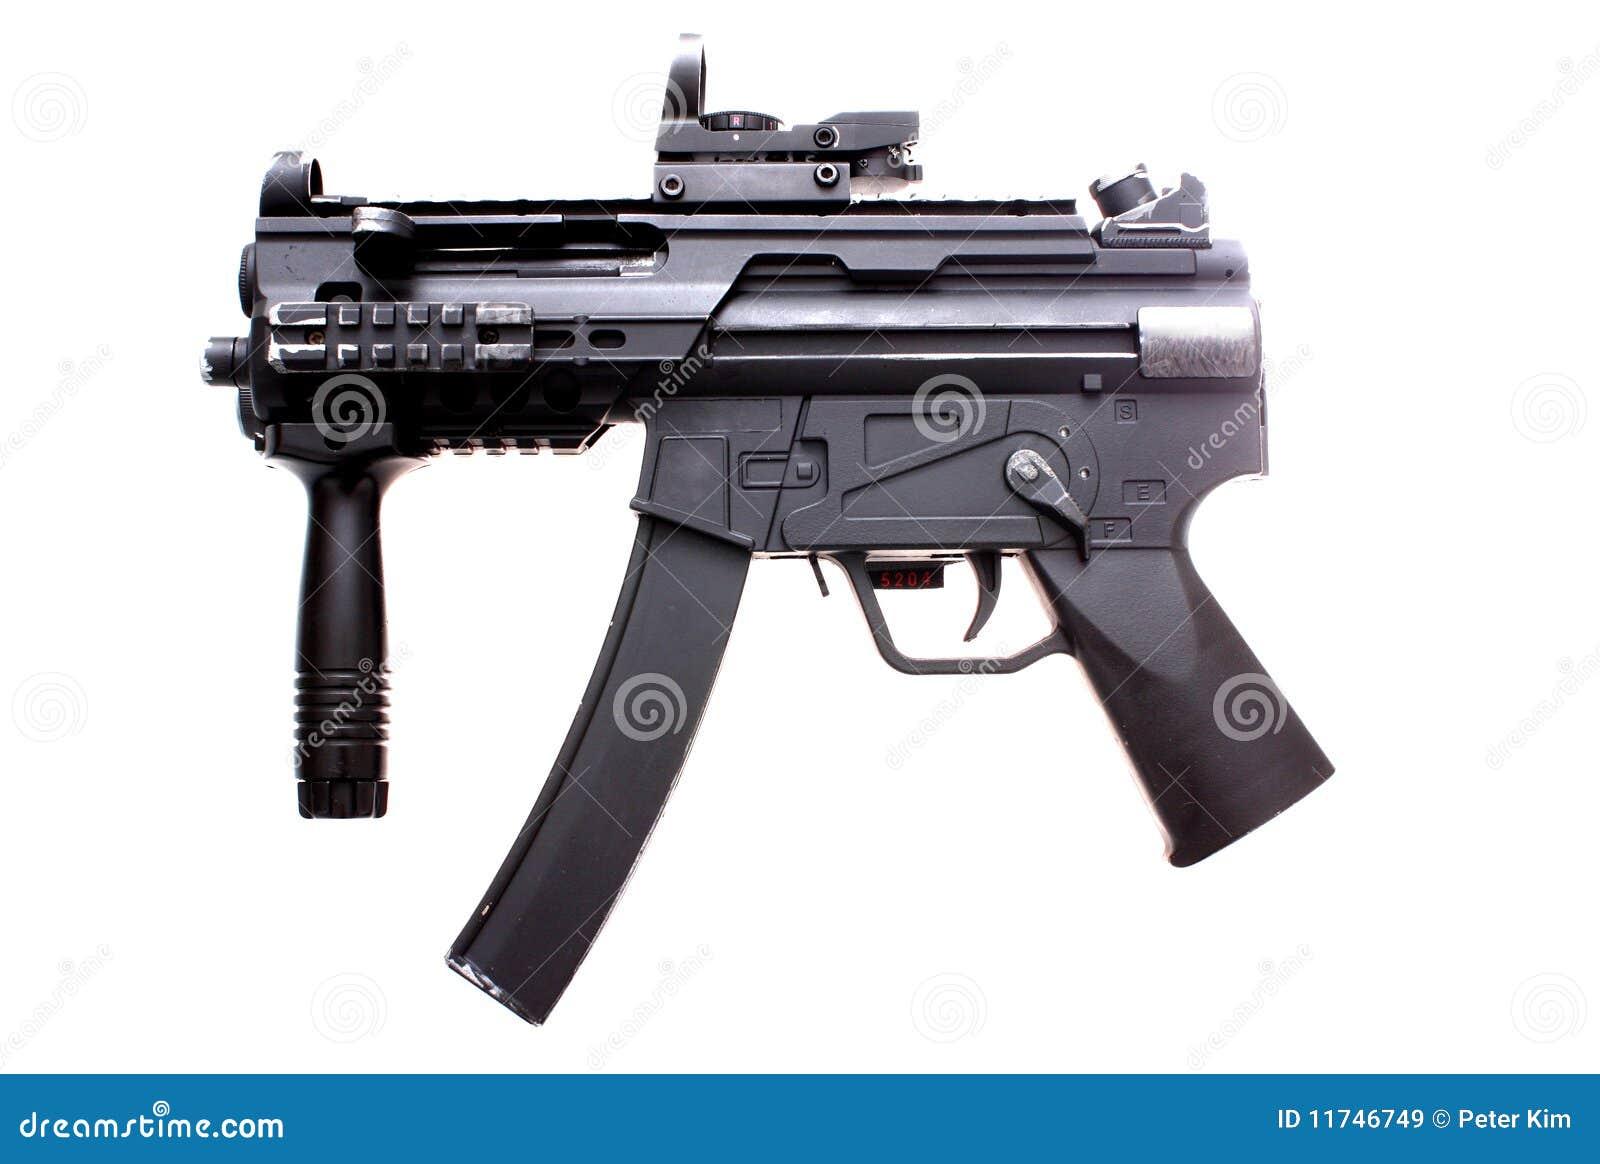 Assault gun stock image  Image of indoor, design, studio